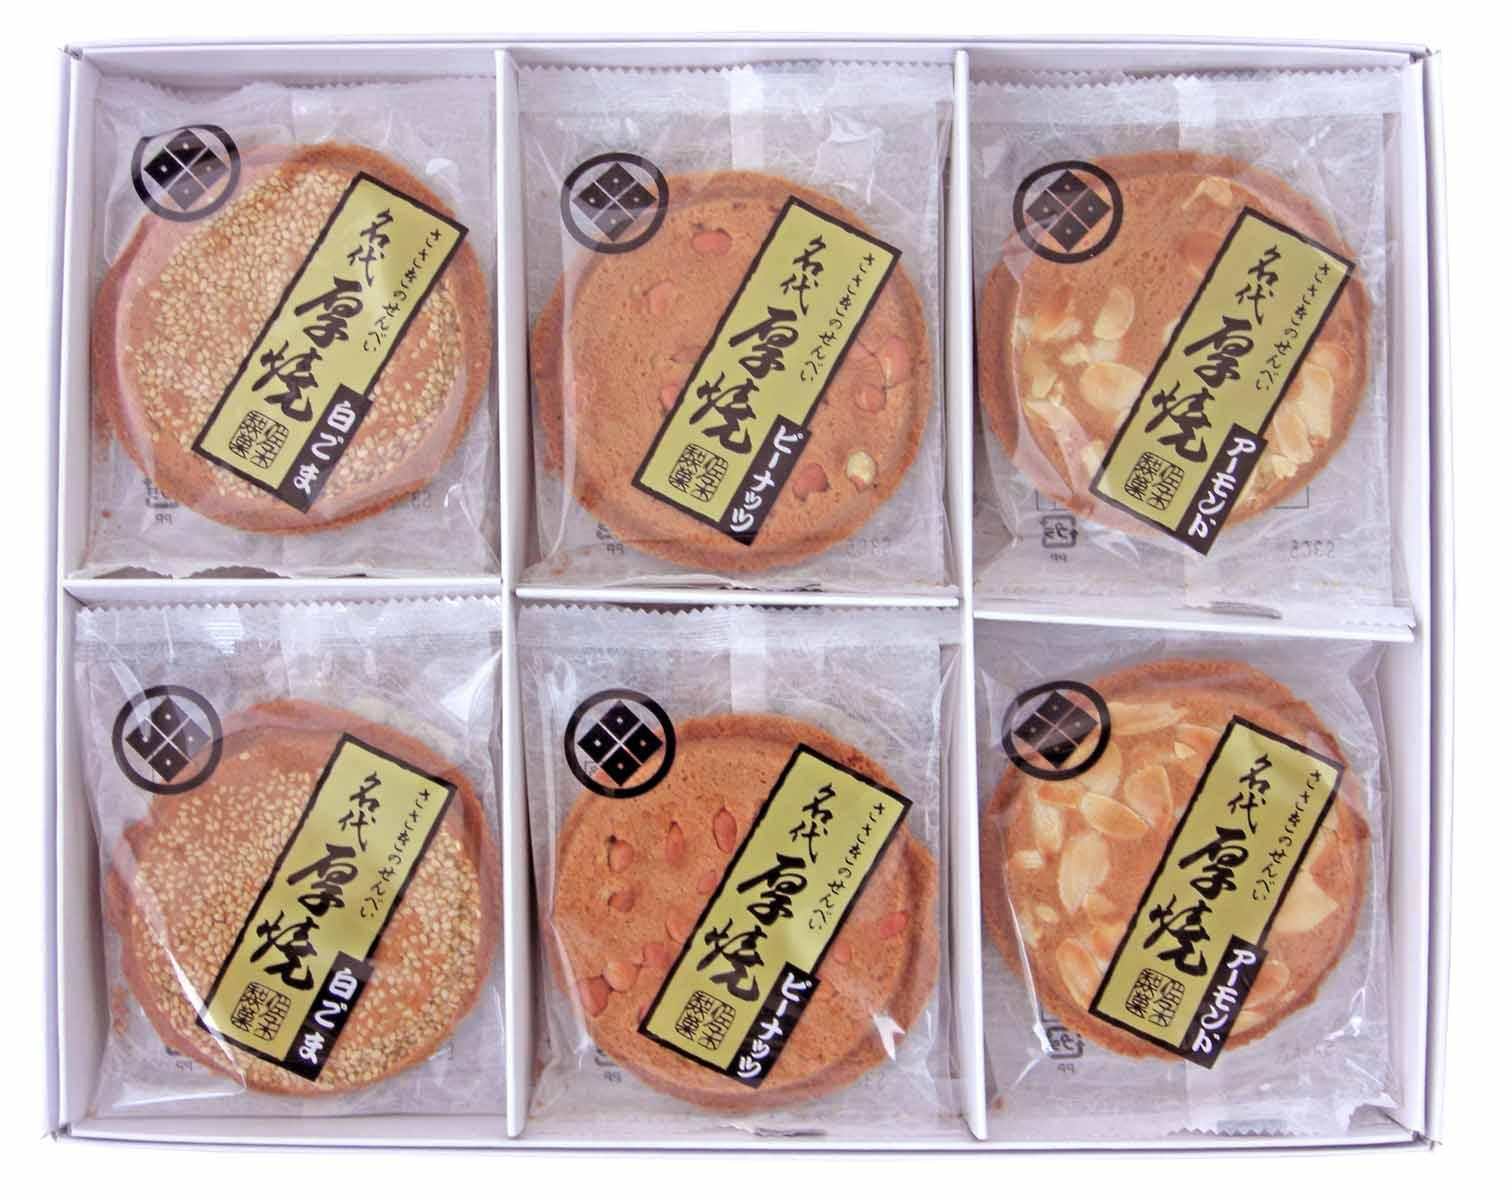 三色せんべい 【30枚箱入】【ネット限定】(ピーナッツ・アーモンド・白ゴマ)佐々木製菓